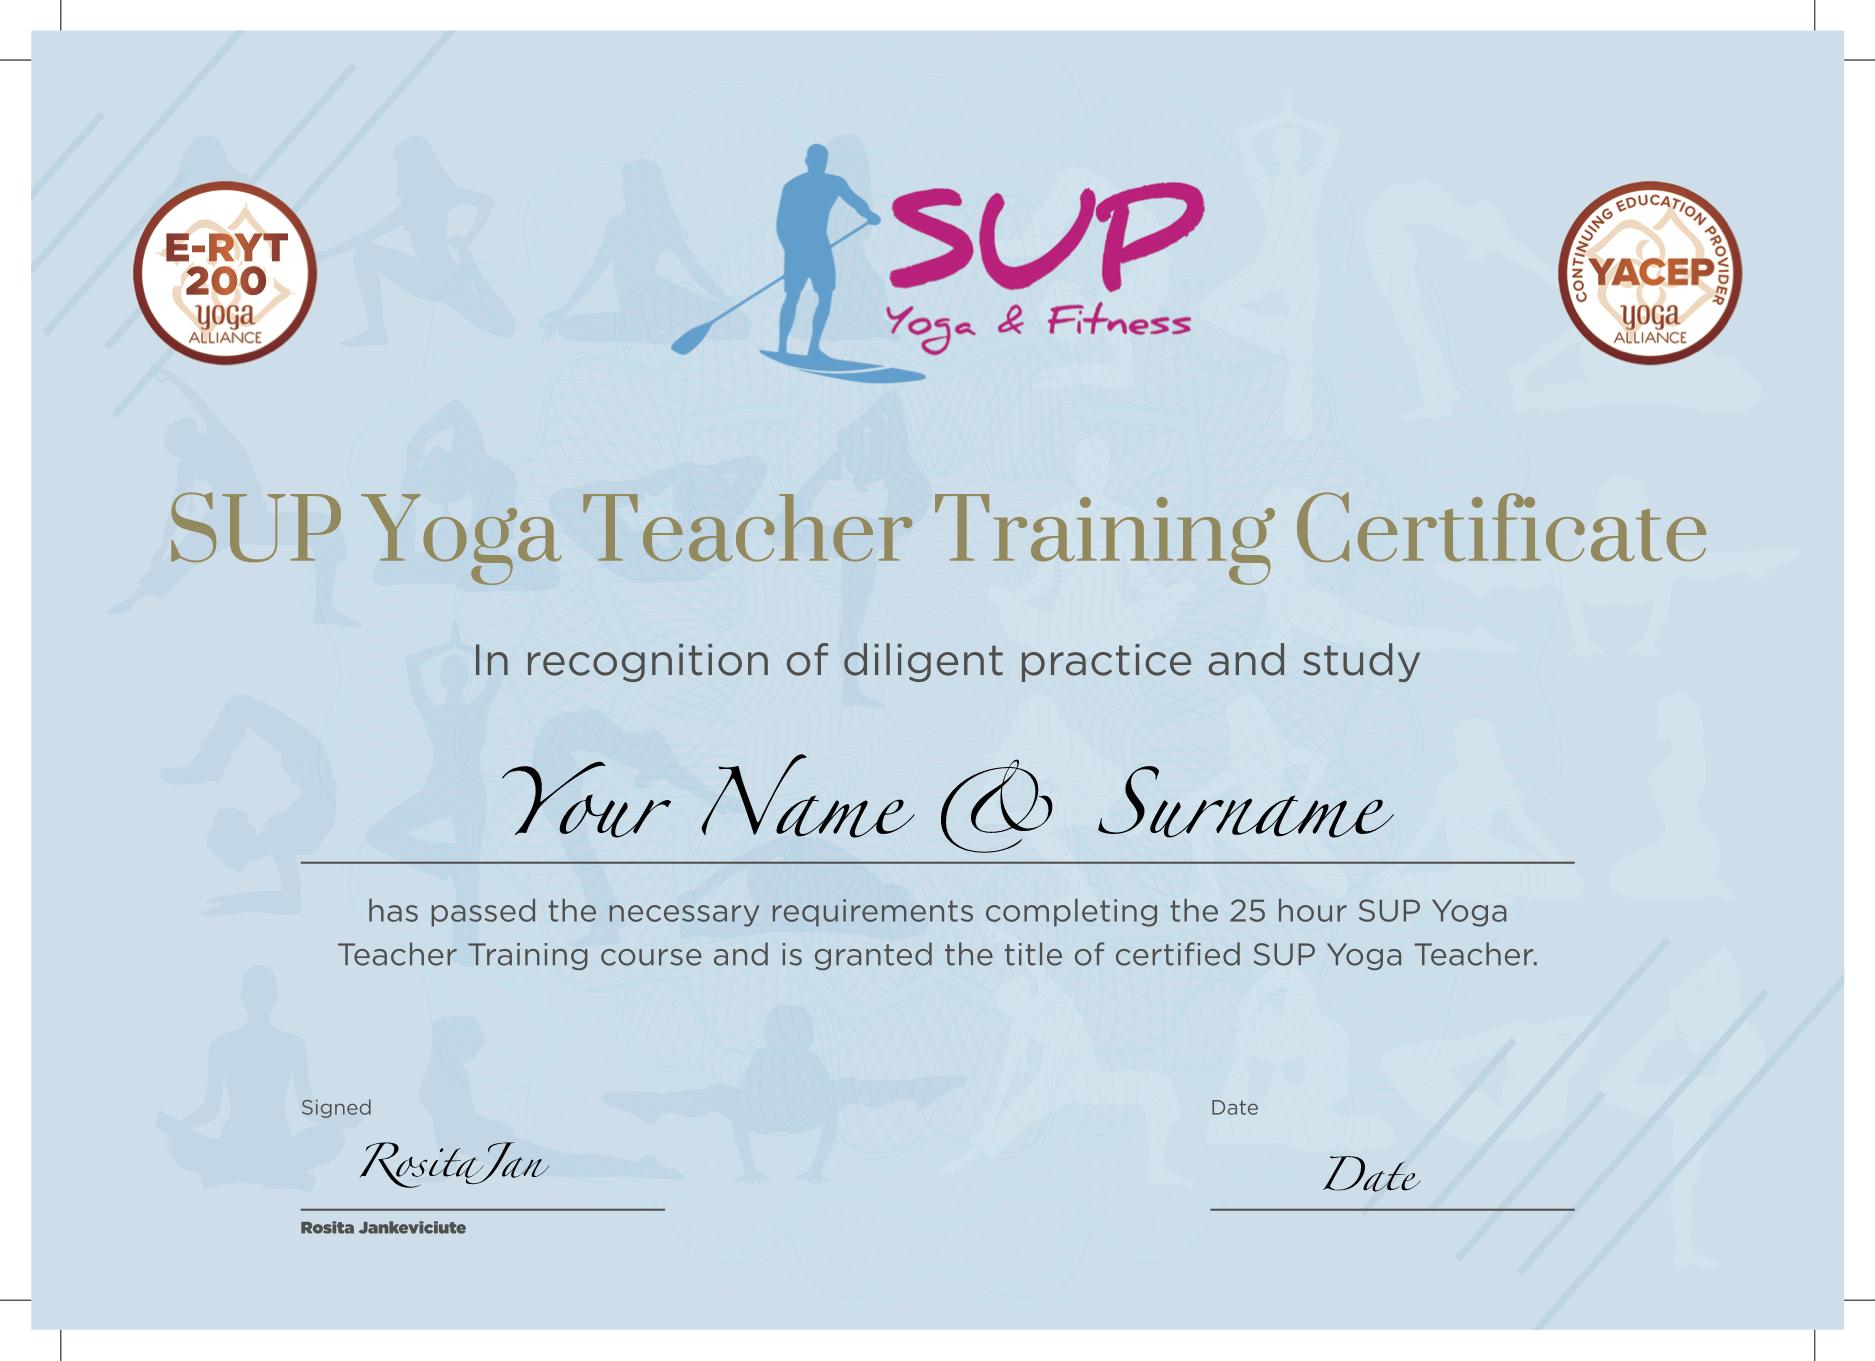 Certificate sample for SUP Yoga Teacher Training